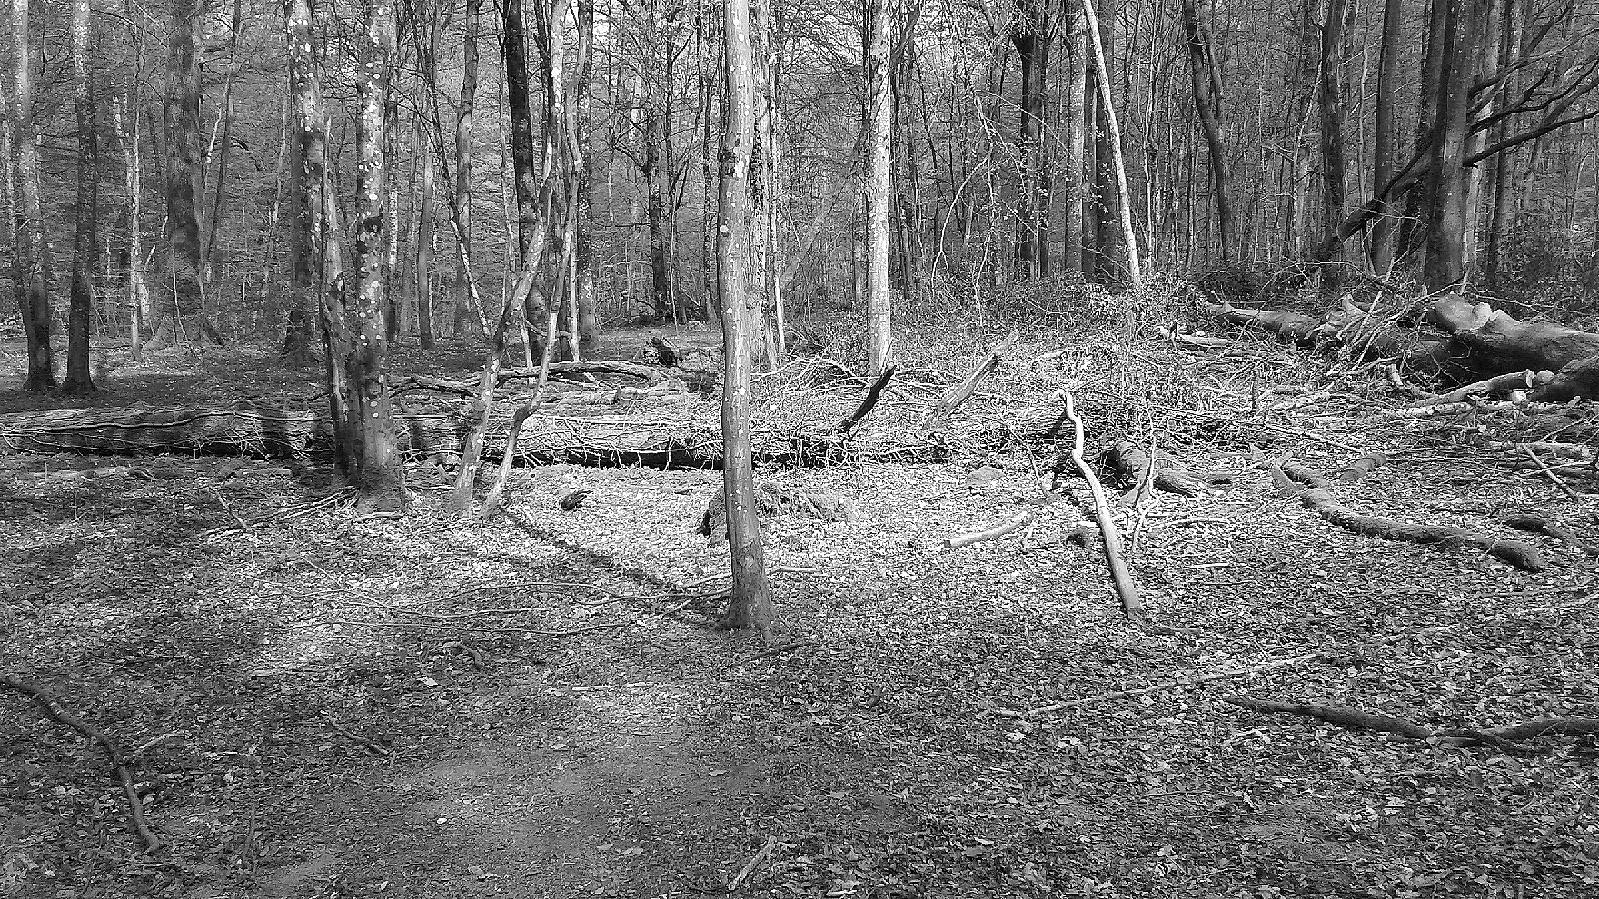 Paul Ewert: Lucemburský les III, digitální fotografie, 2020.